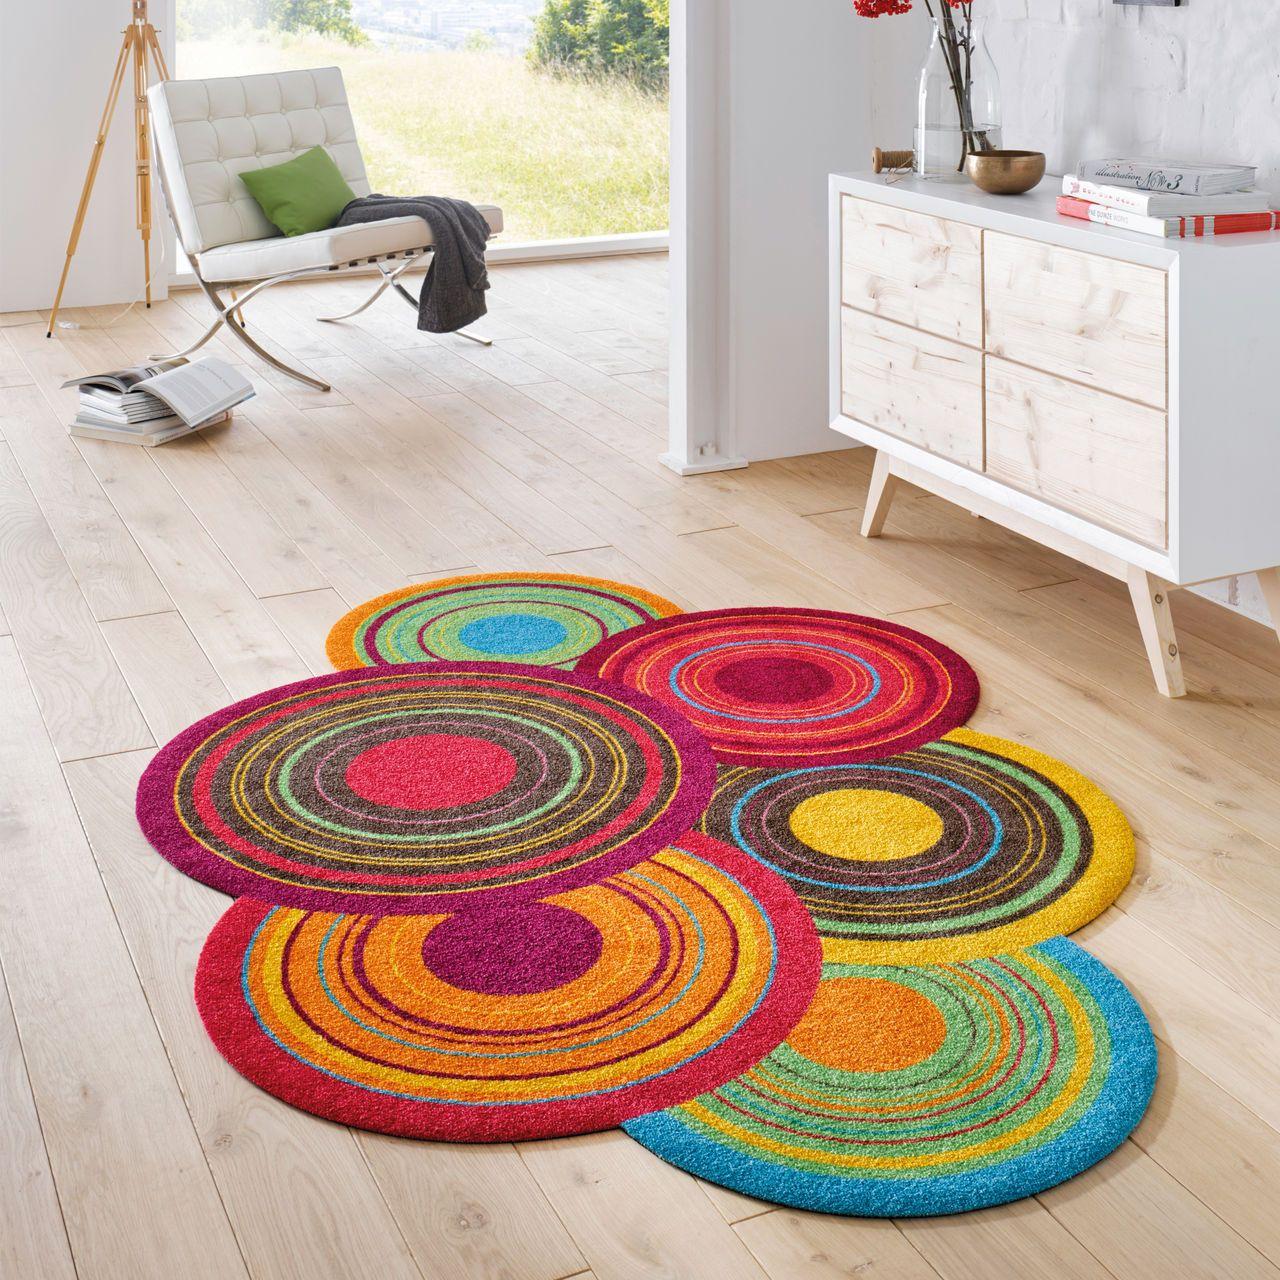 Jetzt wirds bunt! Farbenfroher, waschbarer Teppich   Wohnen ...